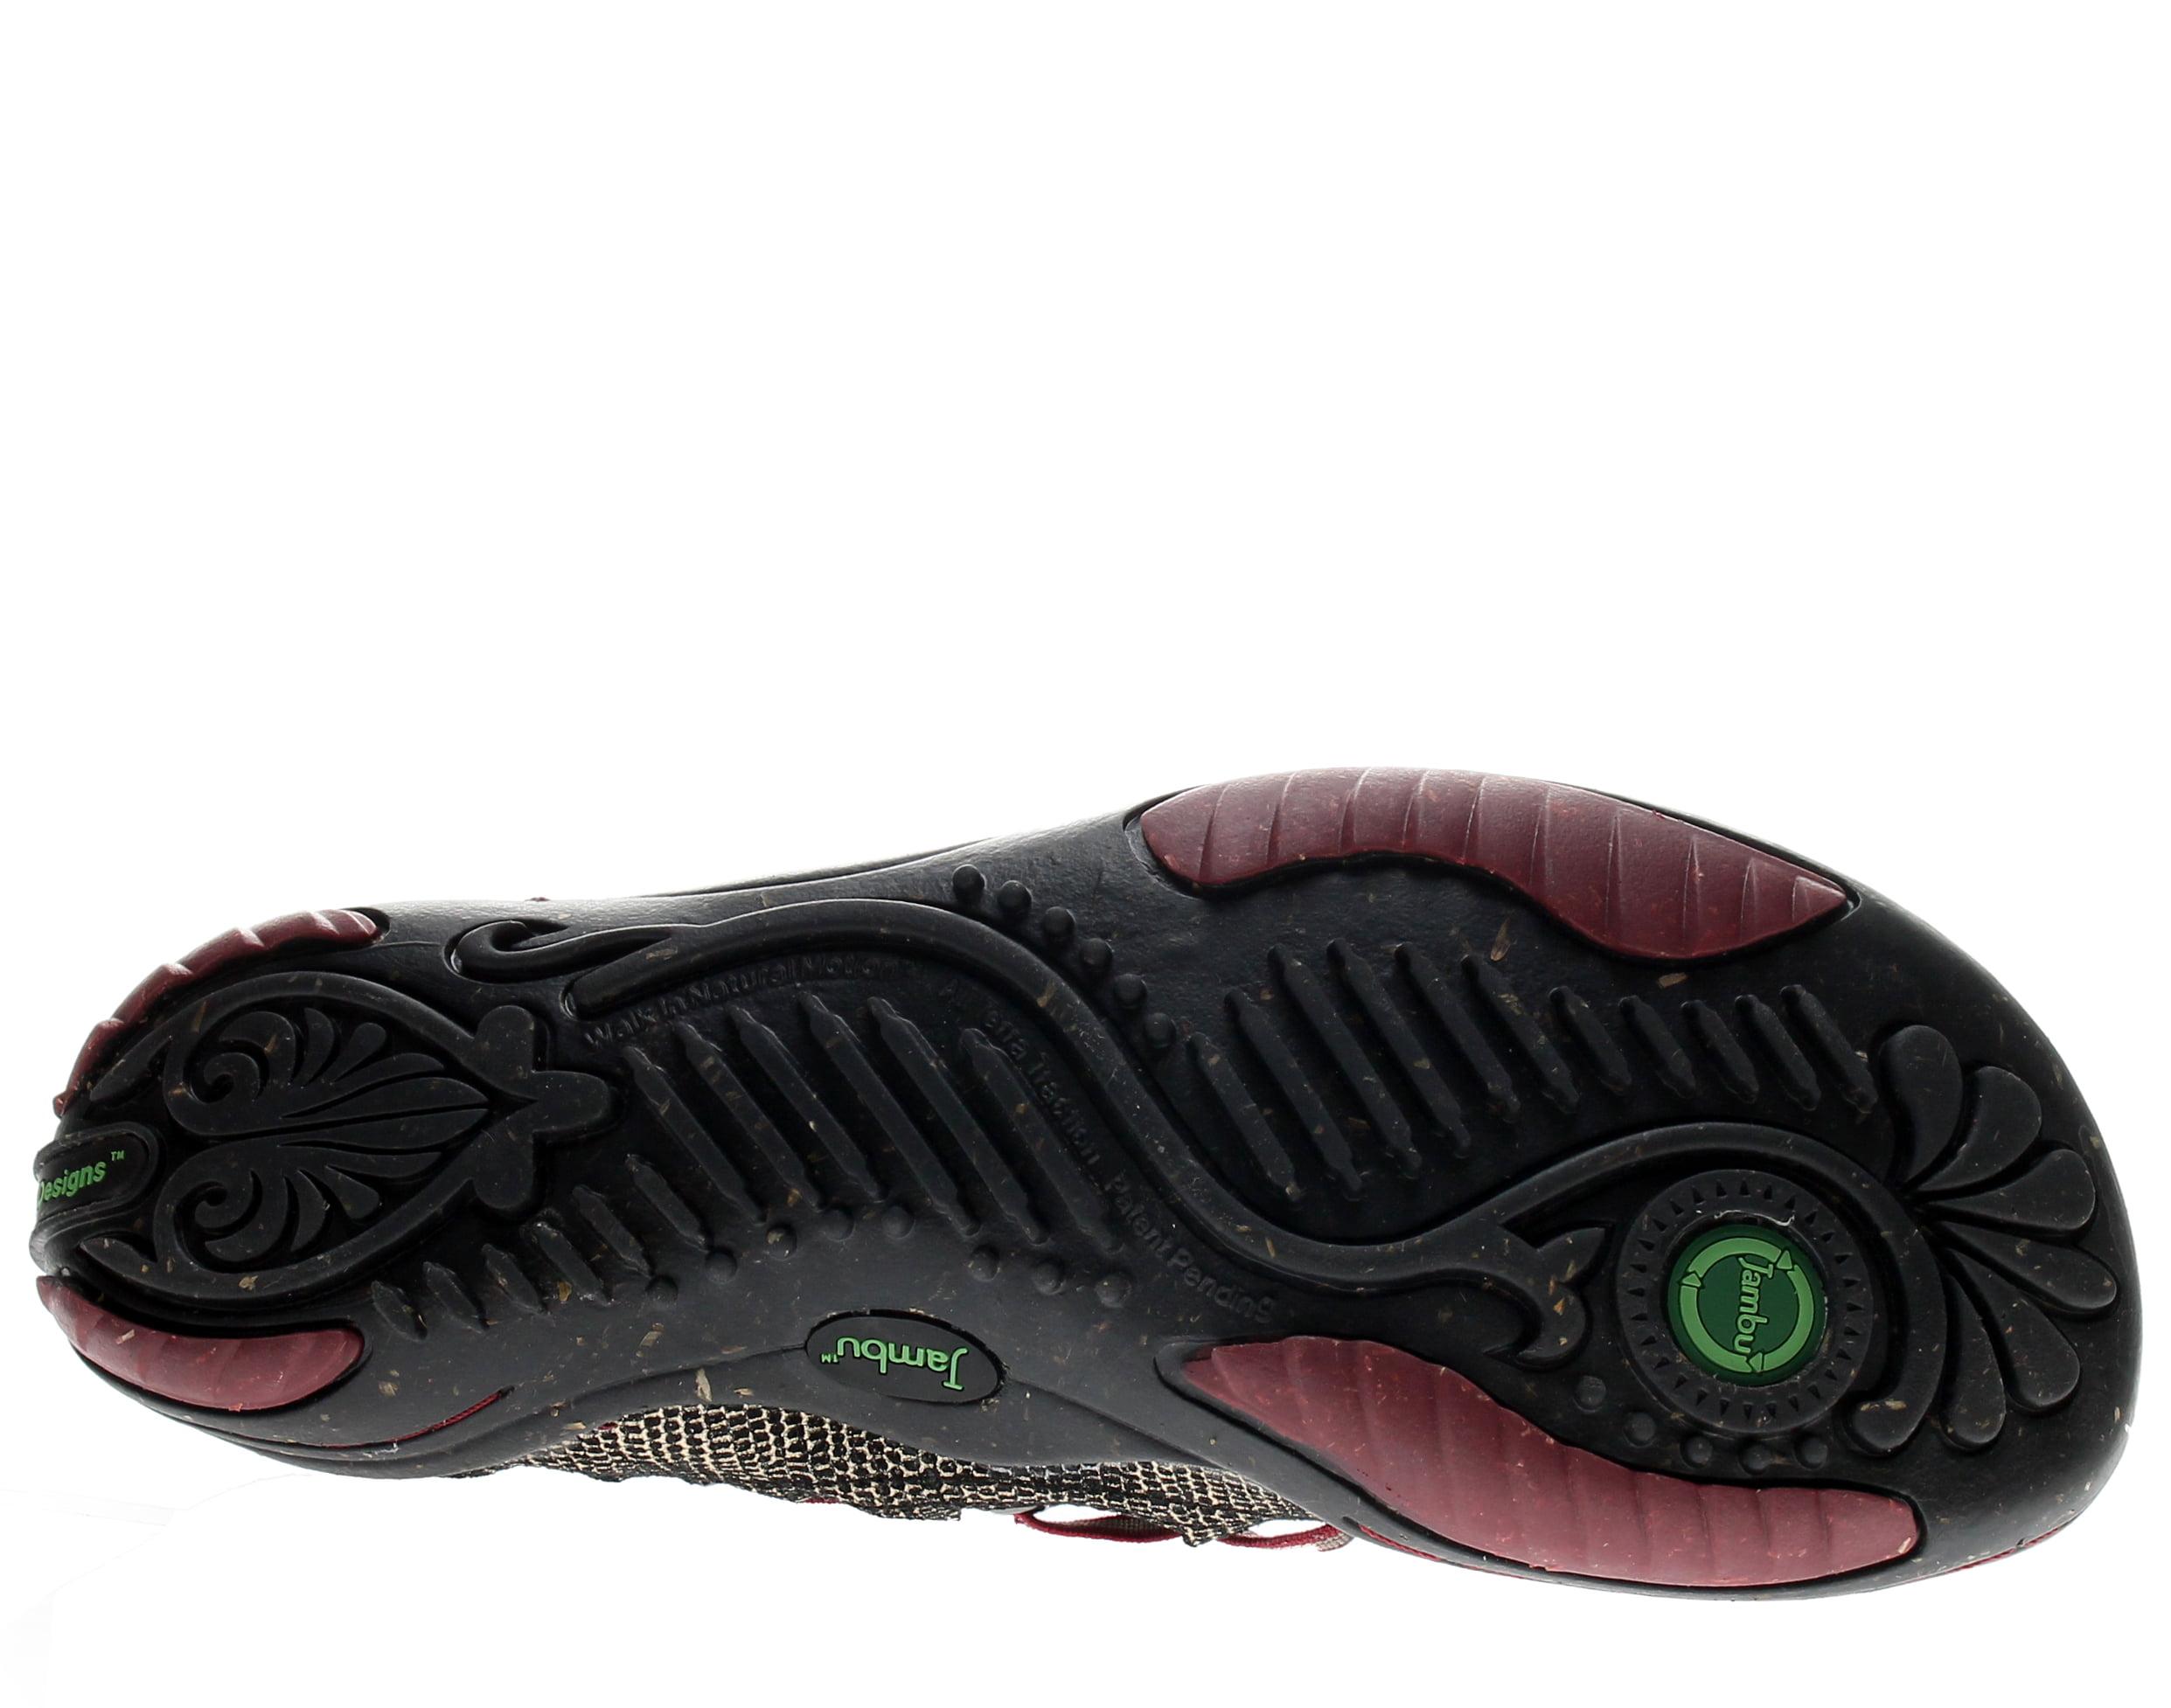 Jambu Kettle Black Women's Ballerina Flat Shoes WJ15KTT01